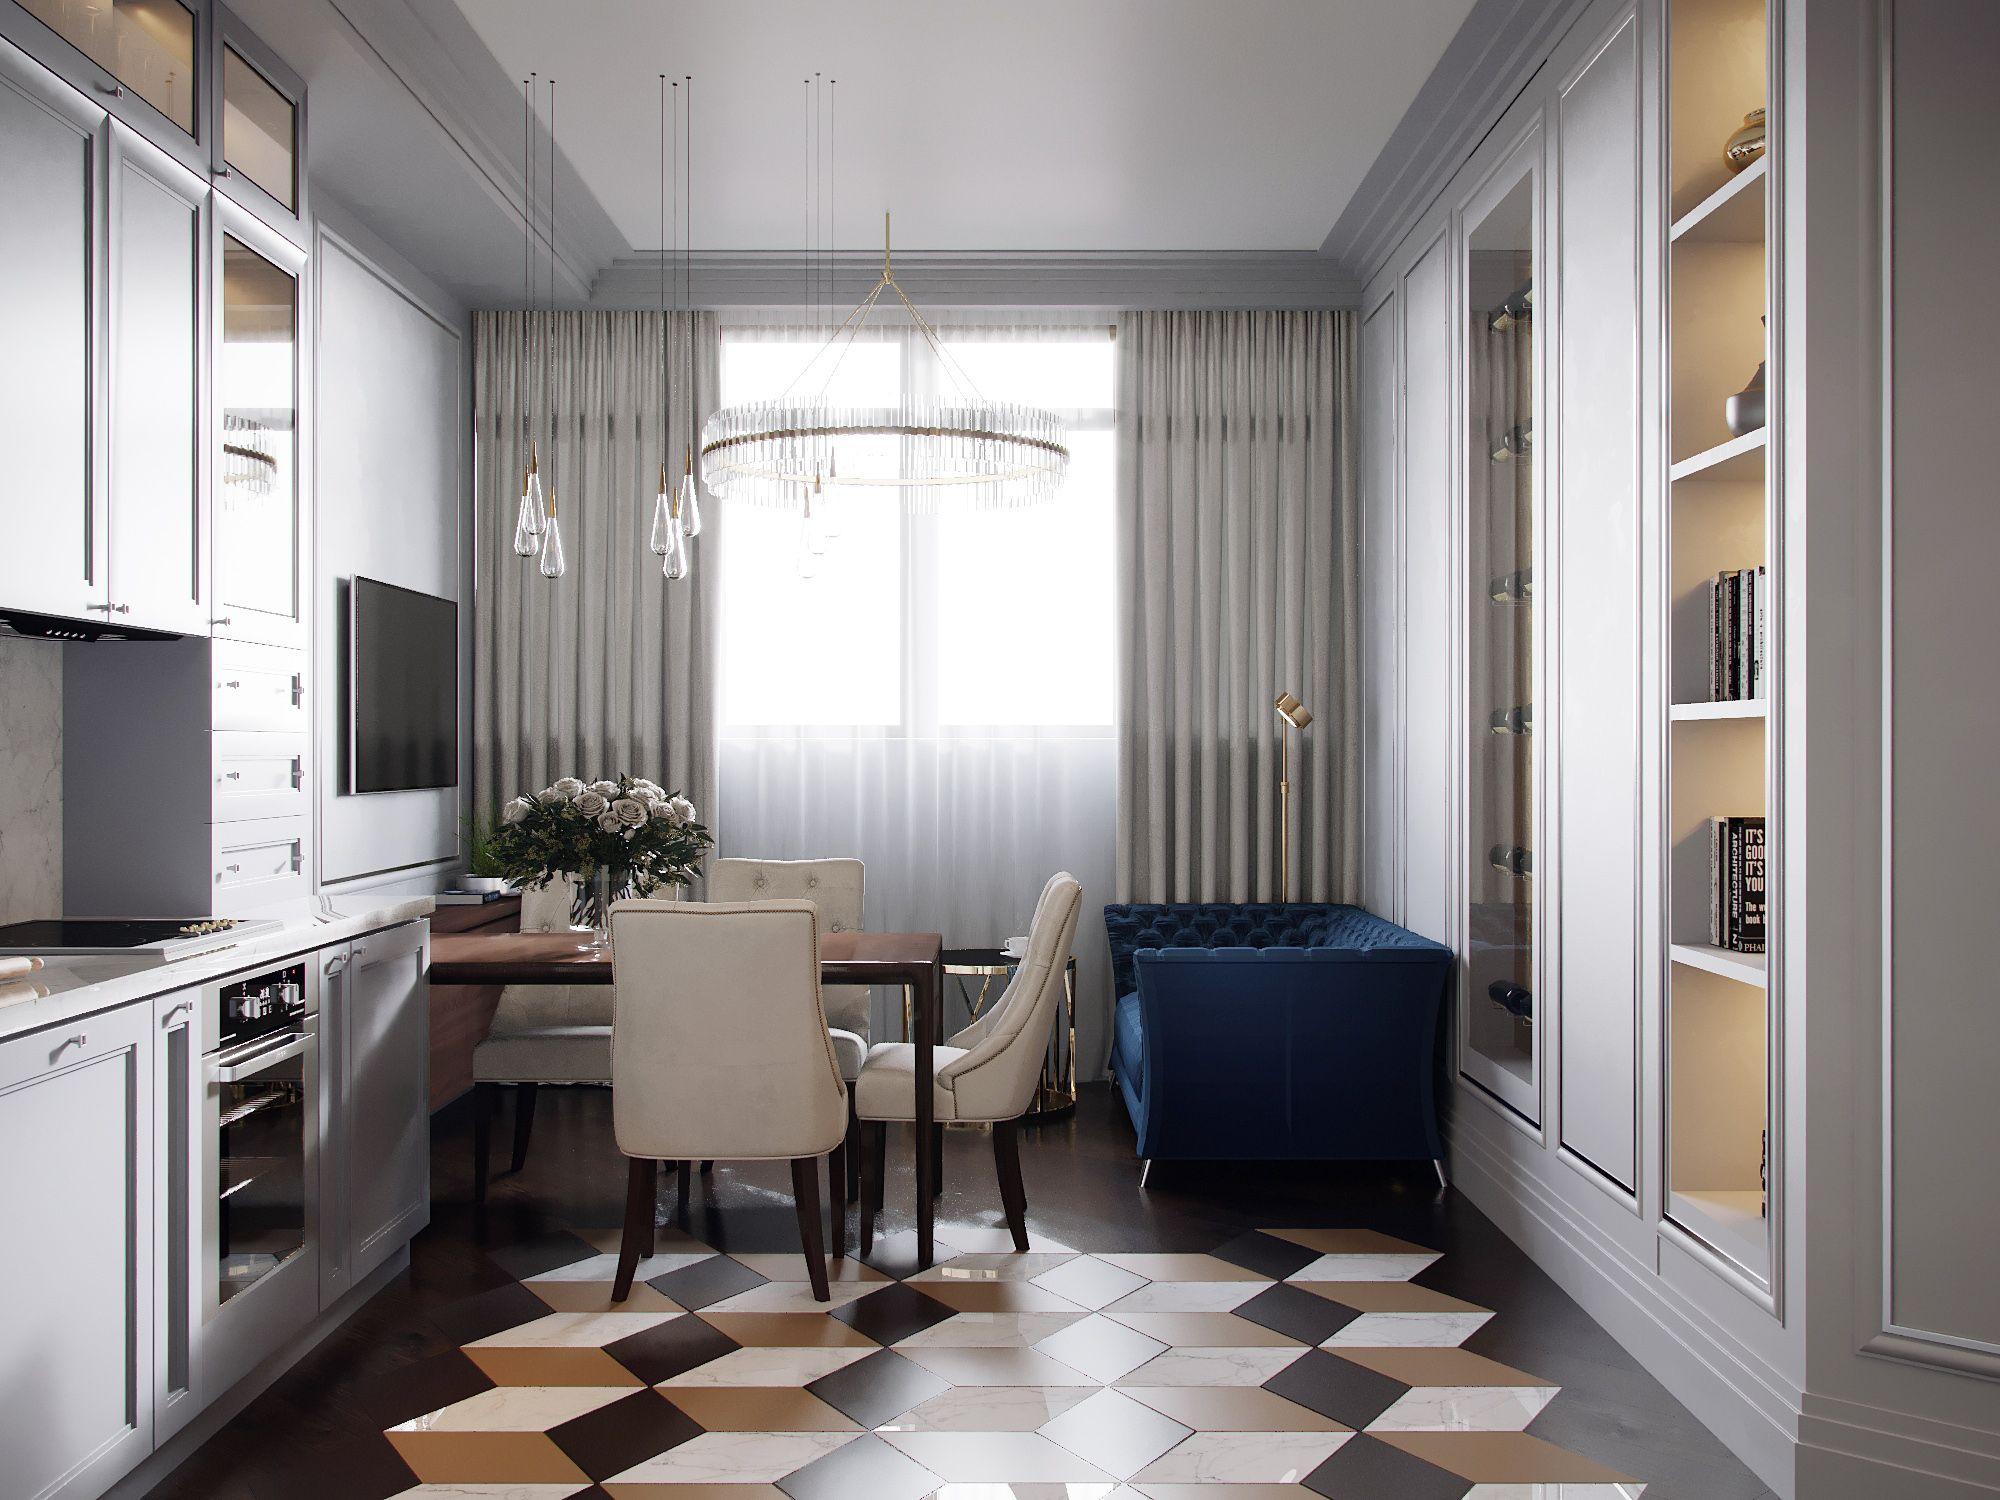 OLYMPUS • Дизайн кухни-гостиной. Кухня гостиная. Интерьер ...